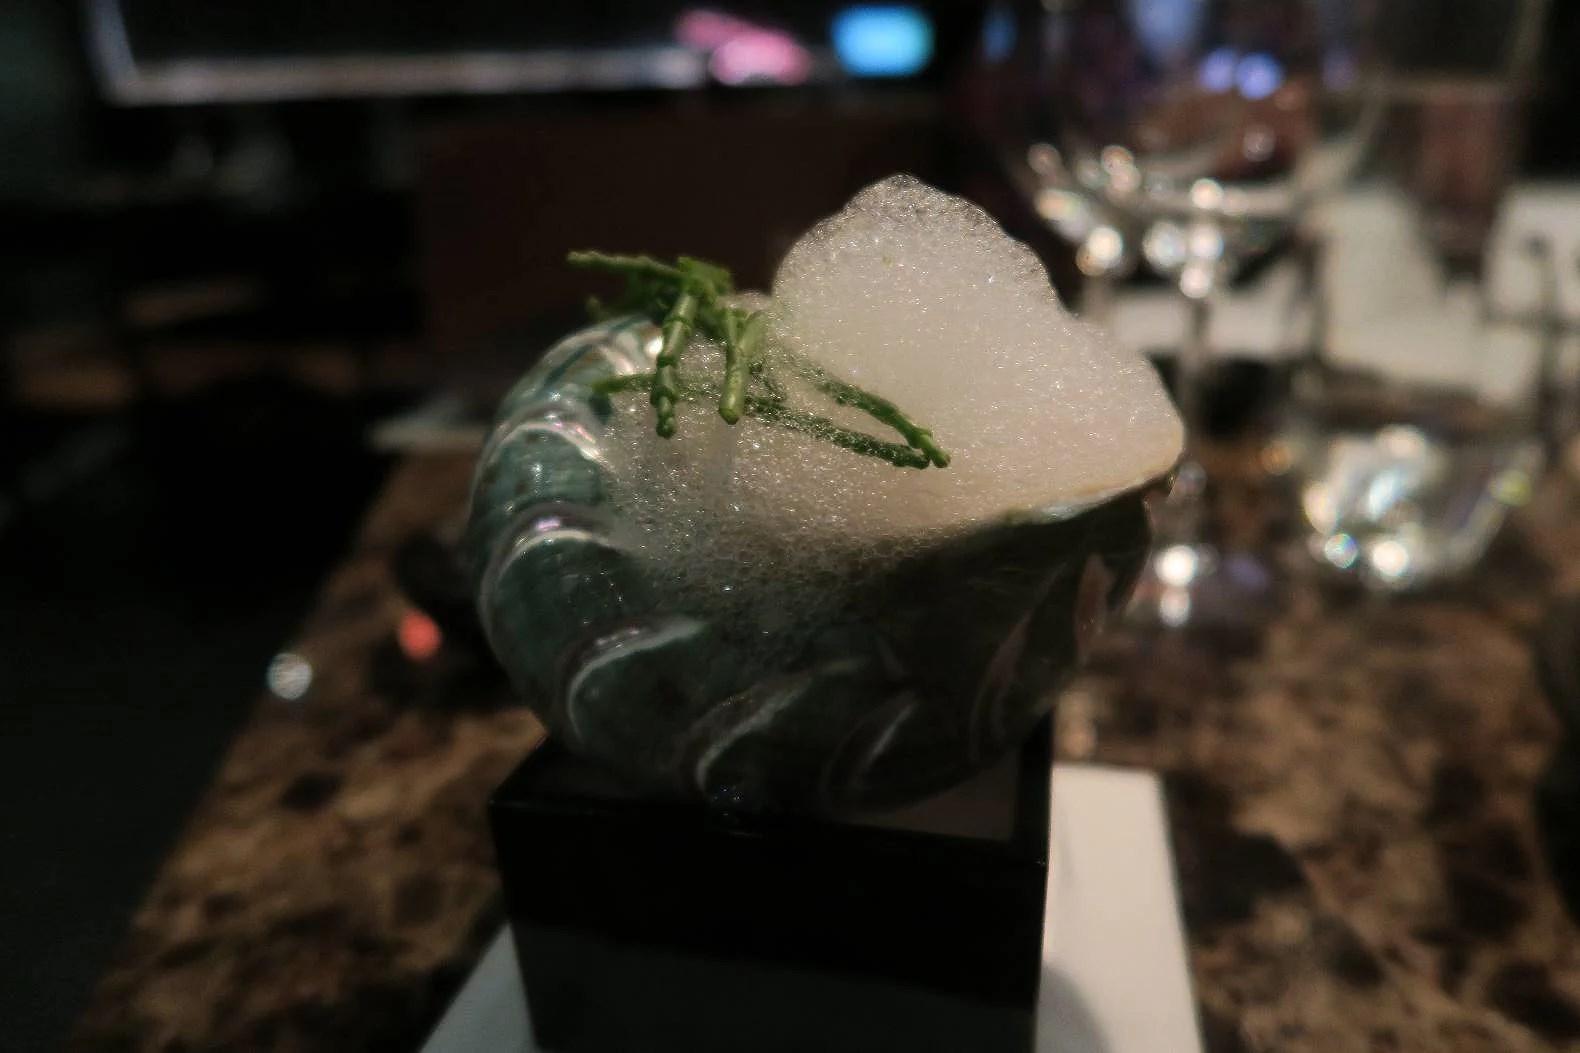 Kasai - Asian food and fun cocktails